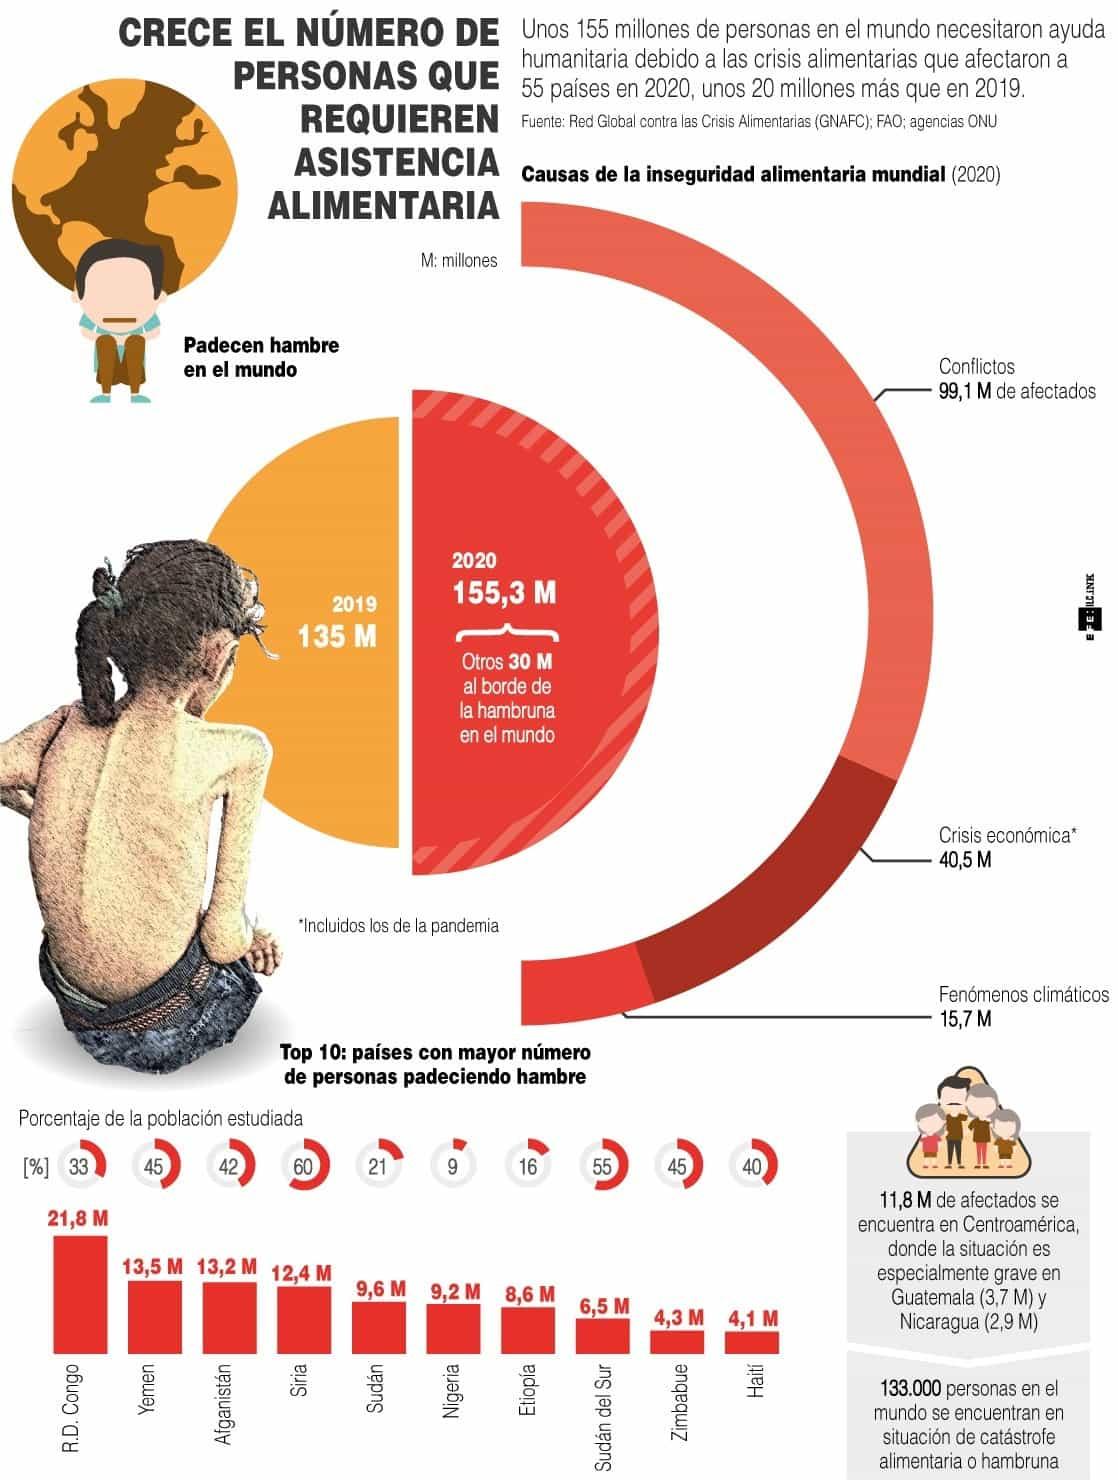 [Infografía] - Unos 155 millones de personas necesitaron ayuda alimentaria en 2020 1